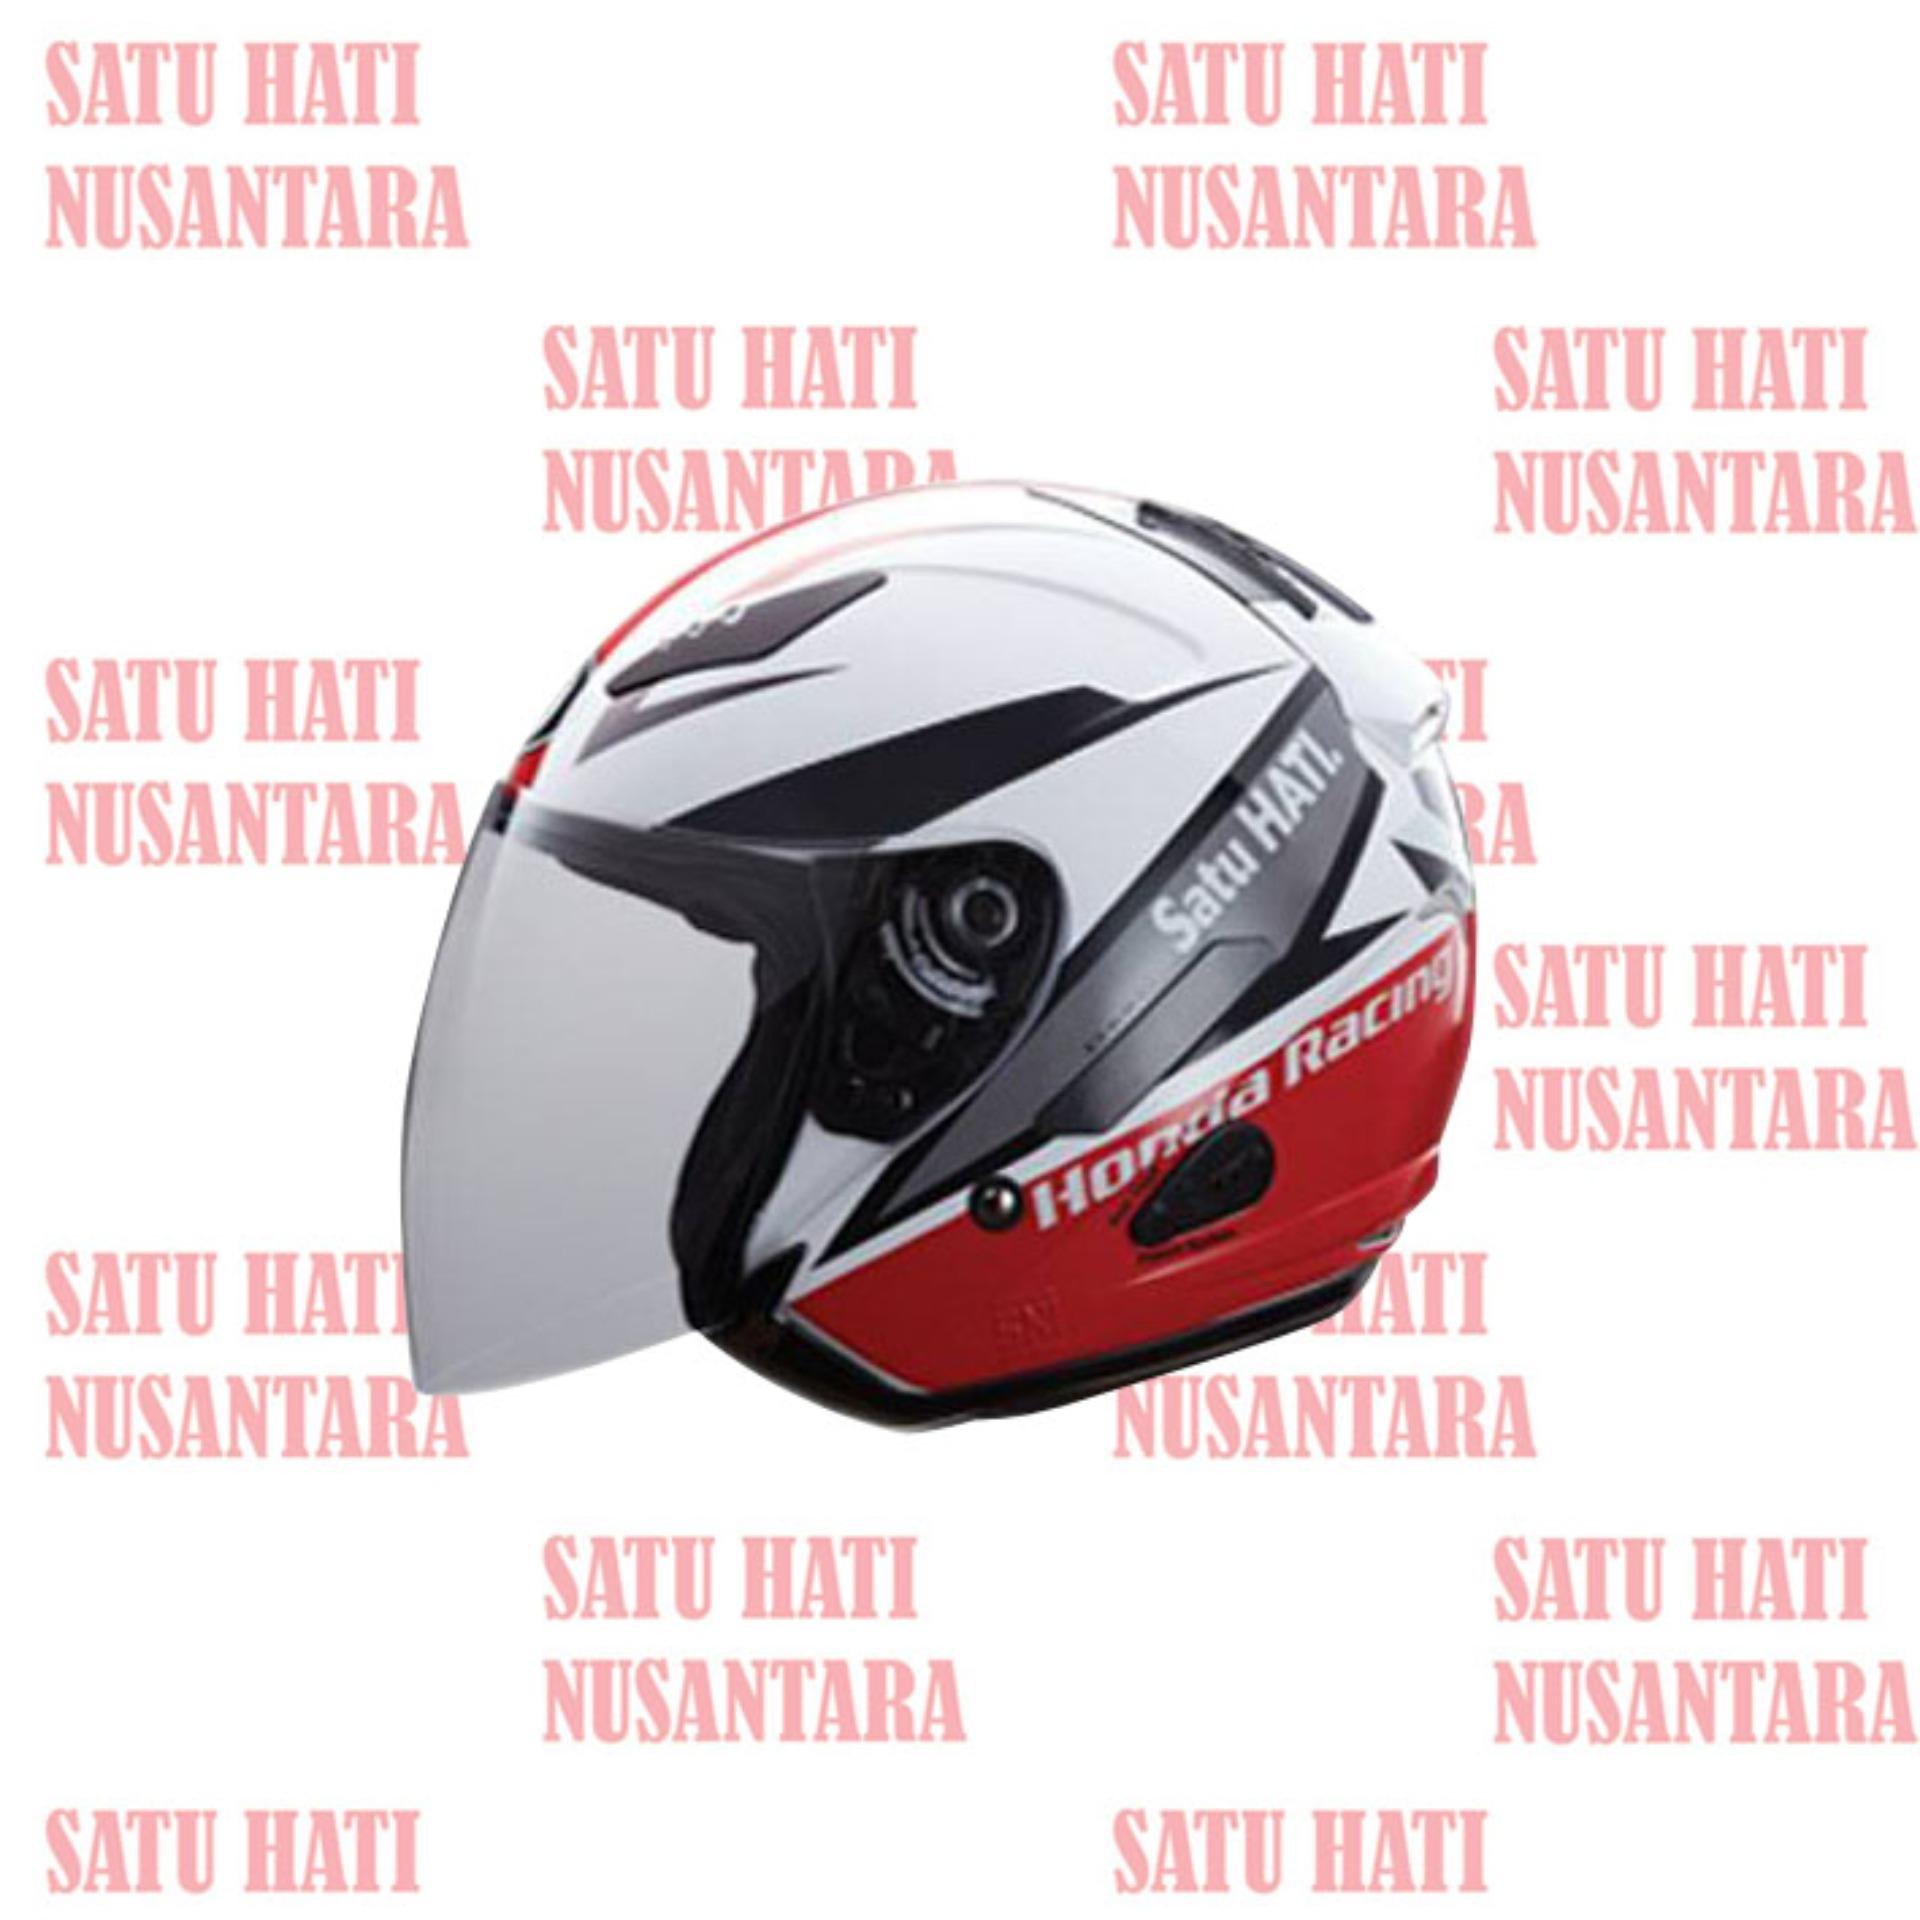 Harga Honda Ori Hrr Kyt Half Face Helm Helmet L Yang Murah Dan Bagus